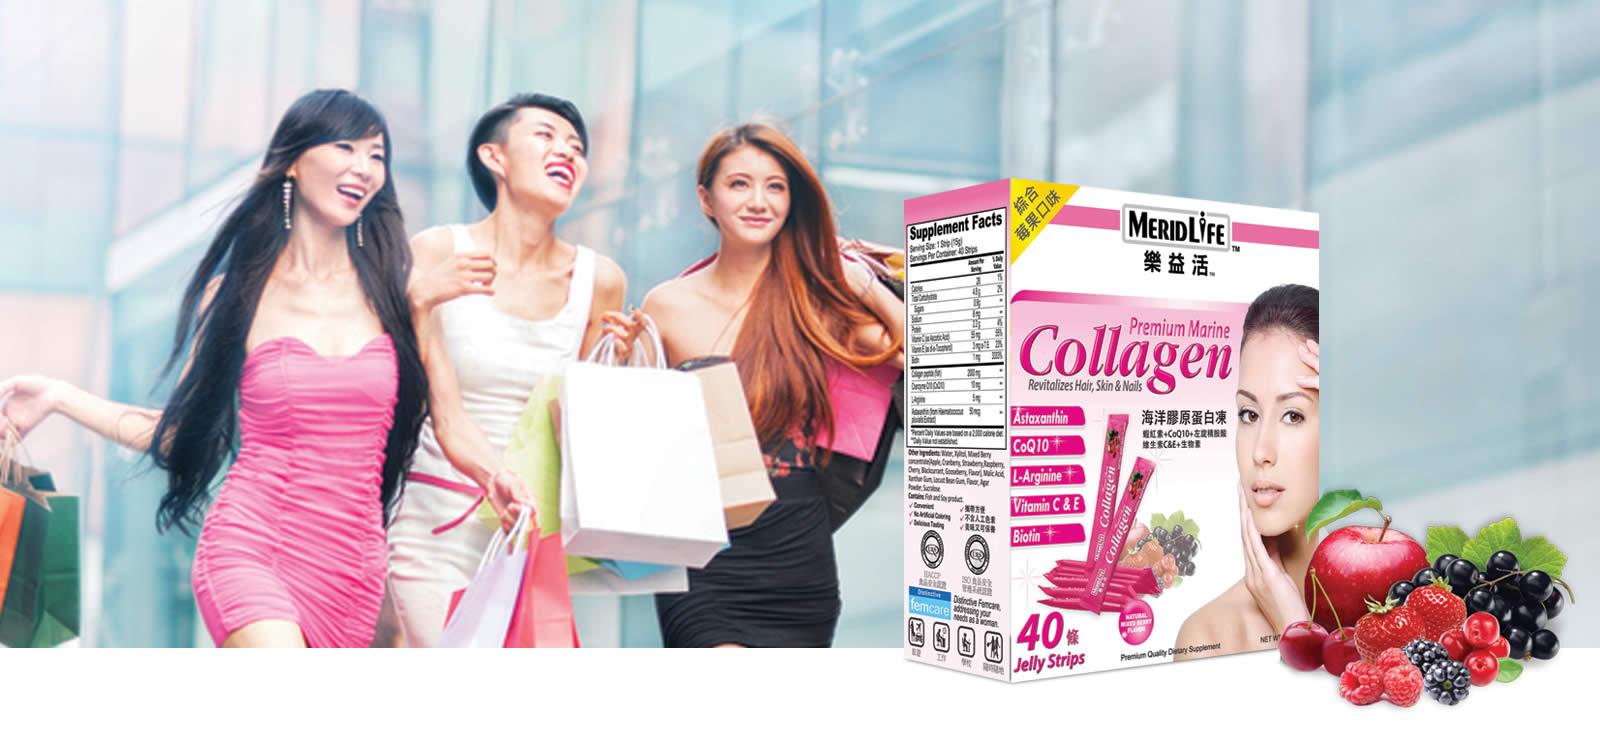 Femcare Collagen Jelly Strips Image